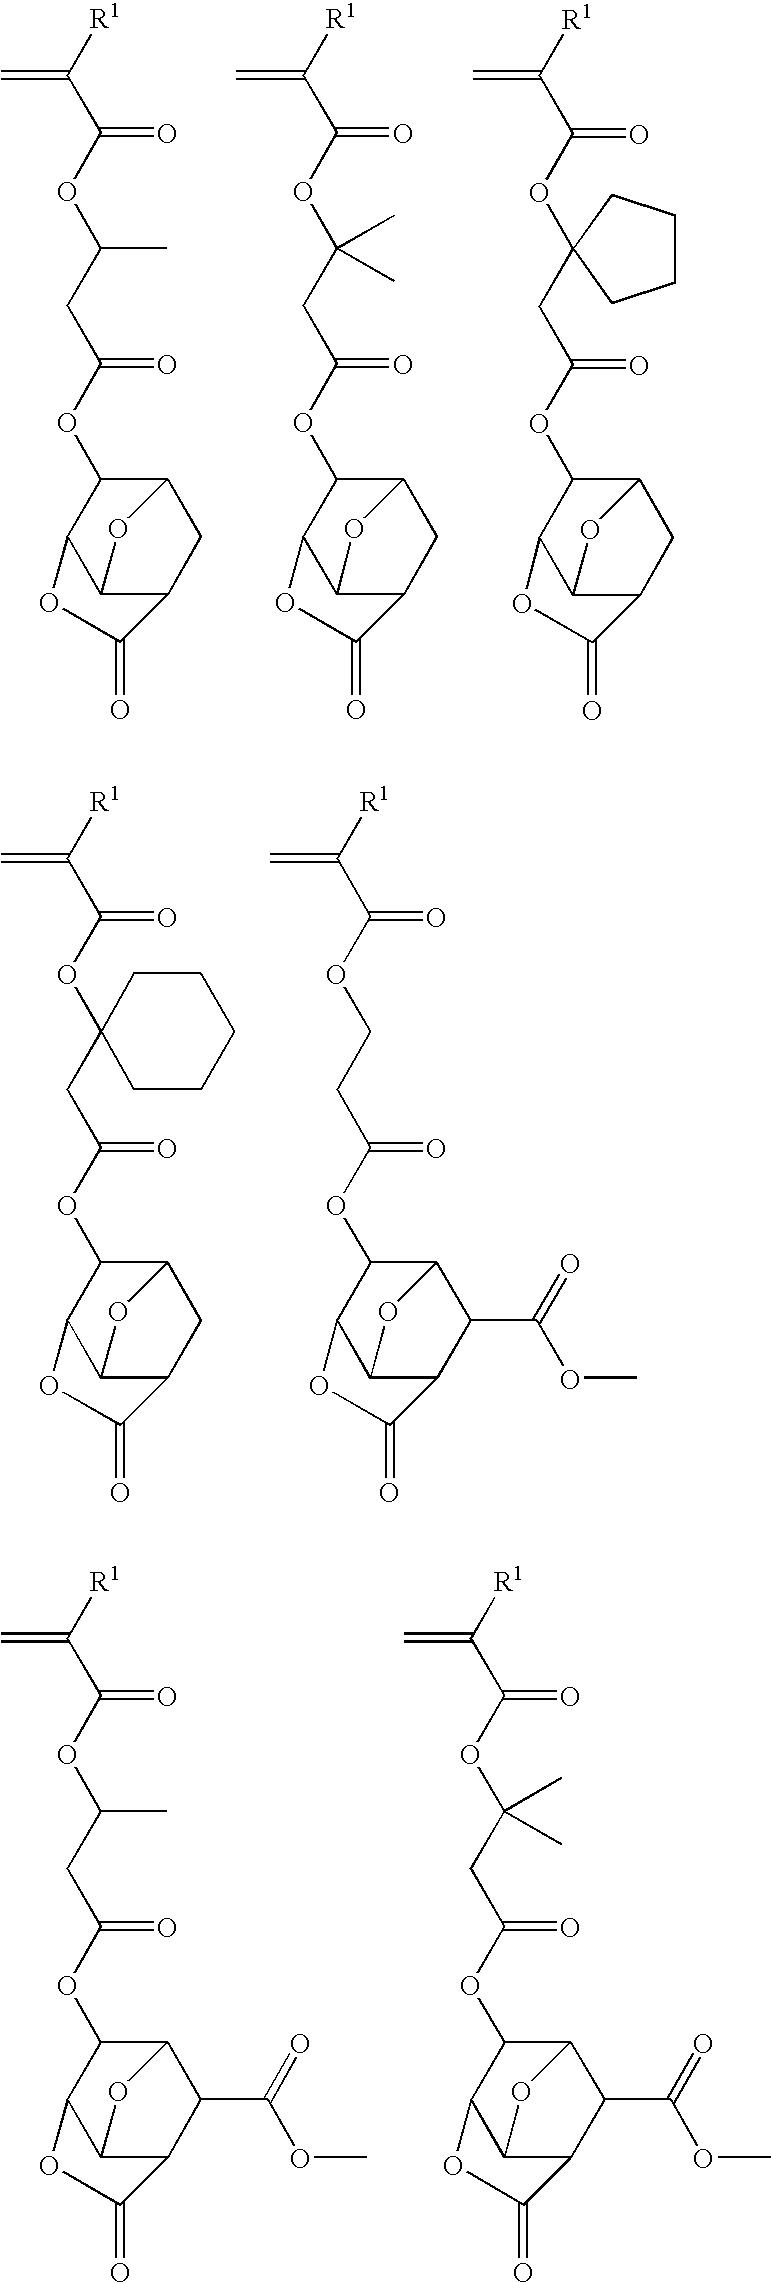 Figure US20080026331A1-20080131-C00023